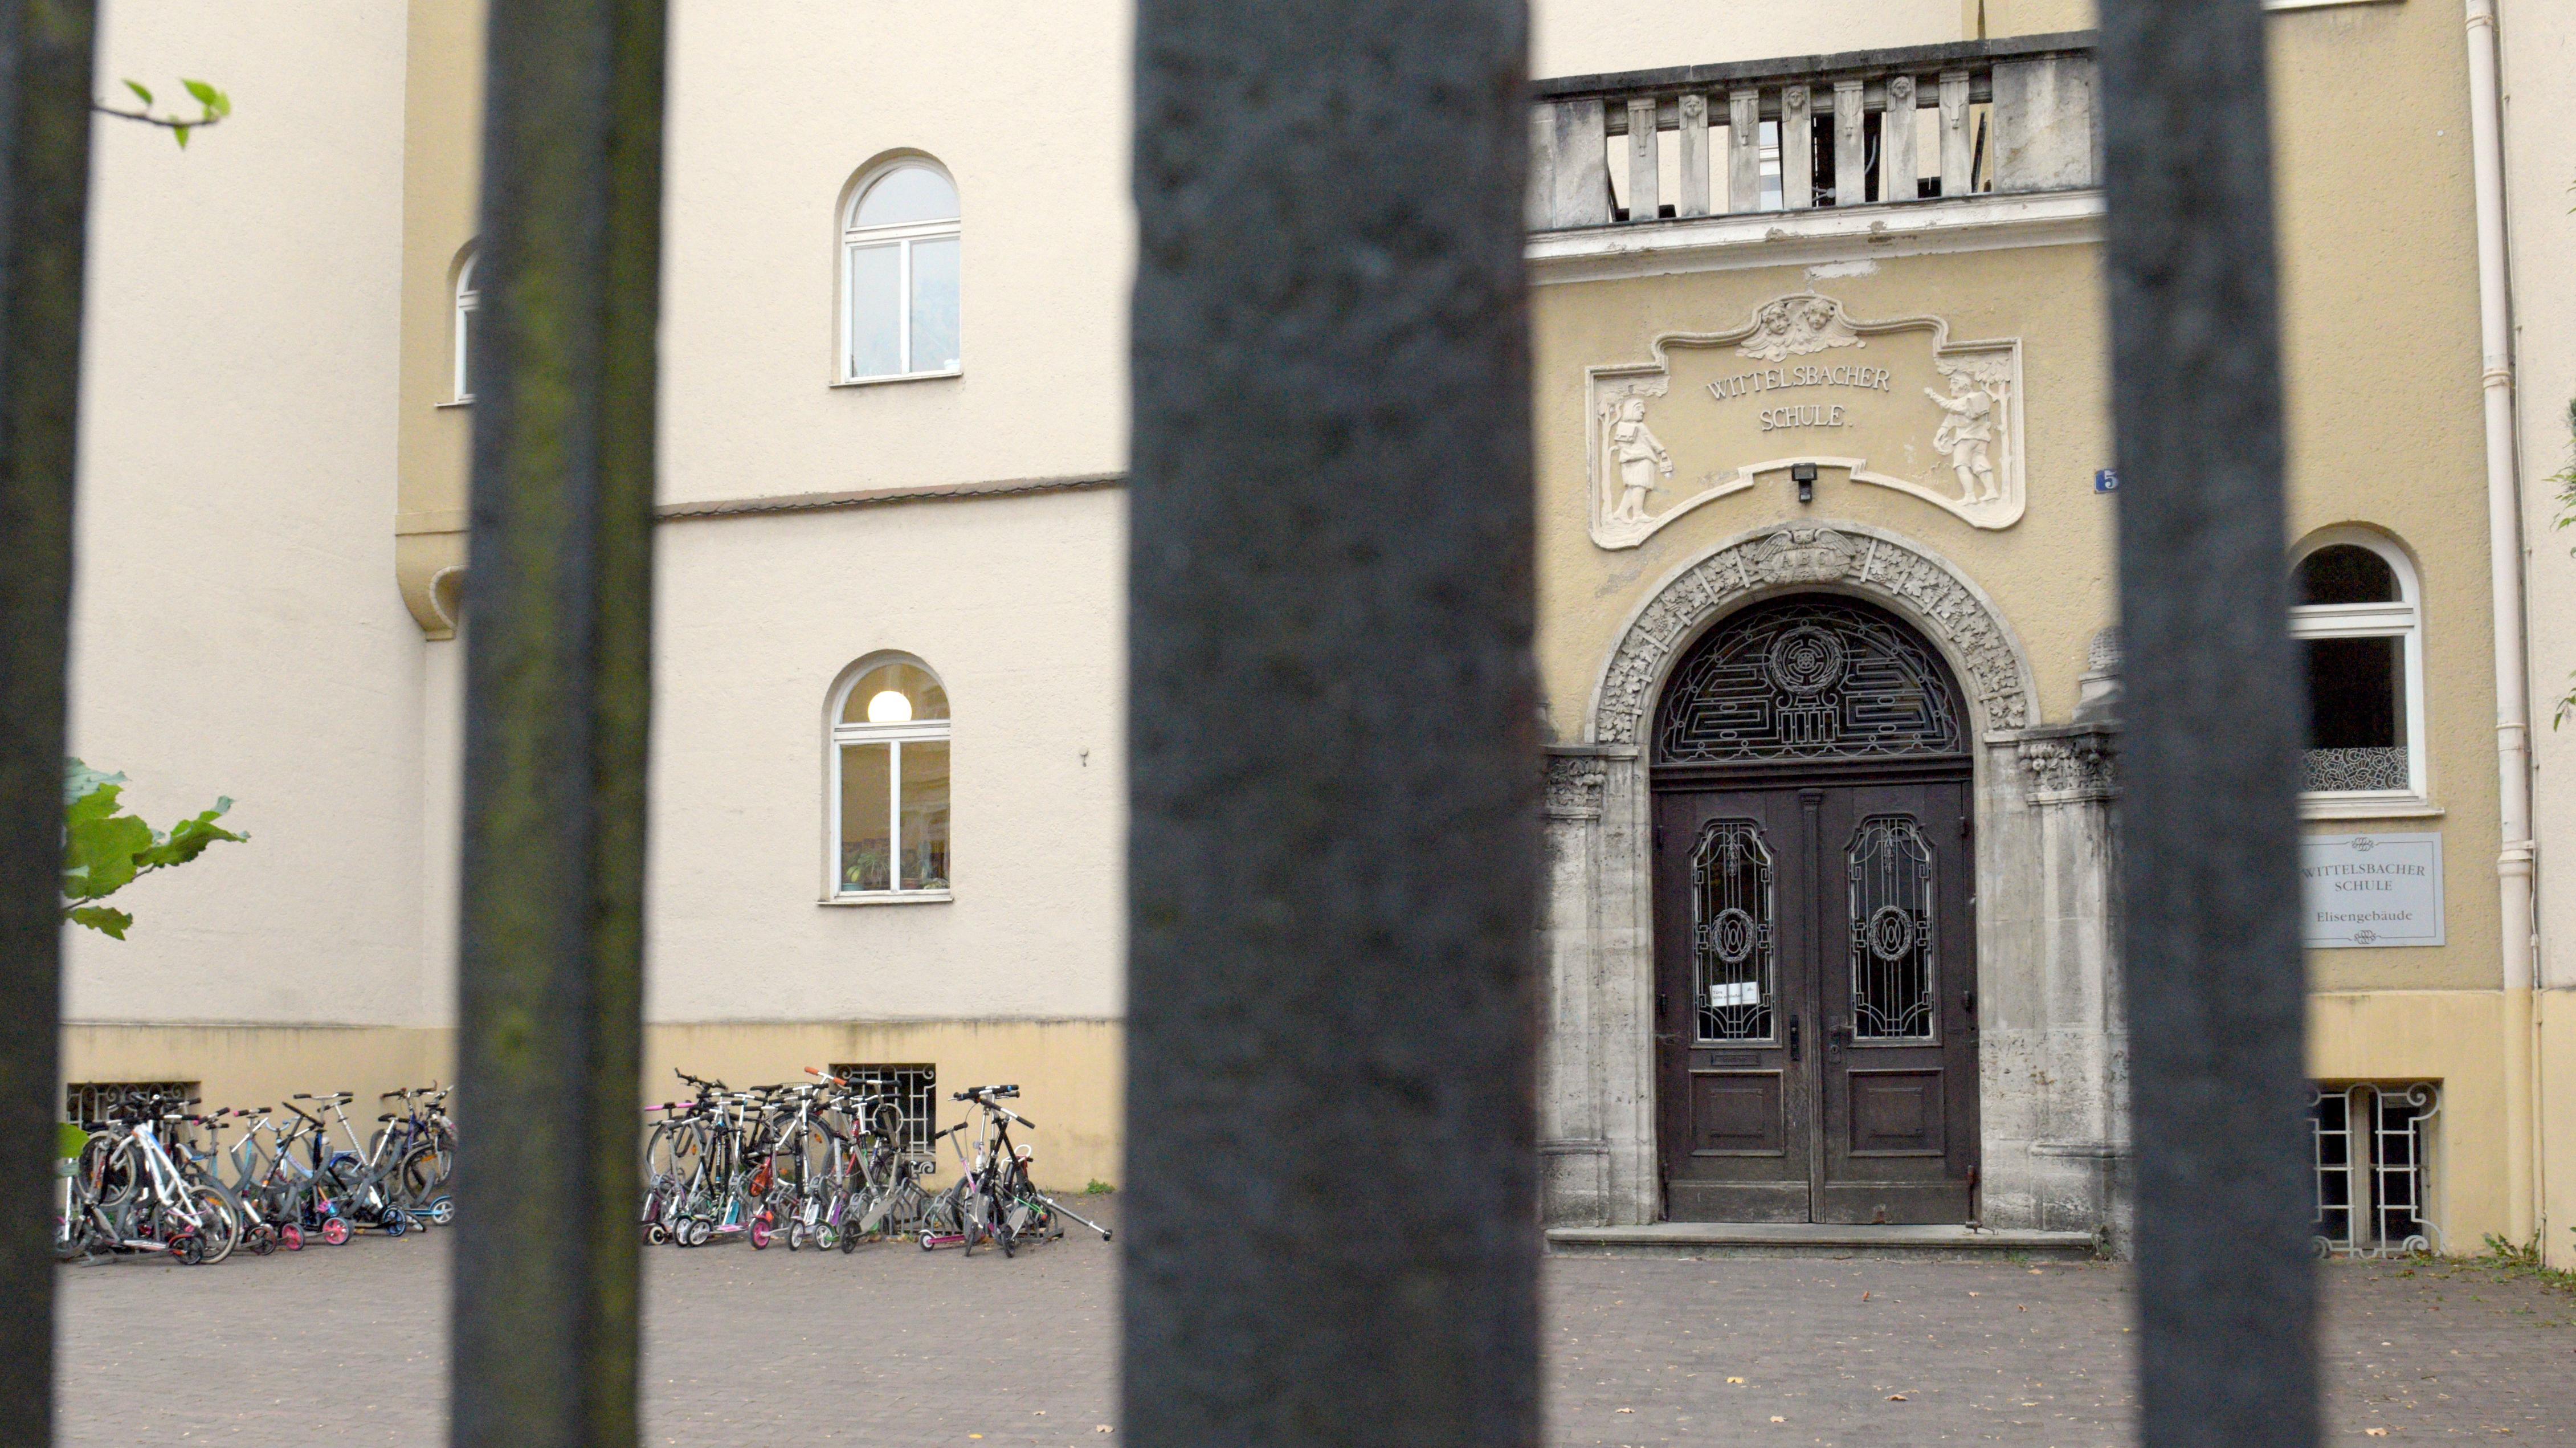 Blick auf den Eingang der Wittelsbacher-Grundschule in Augsburg